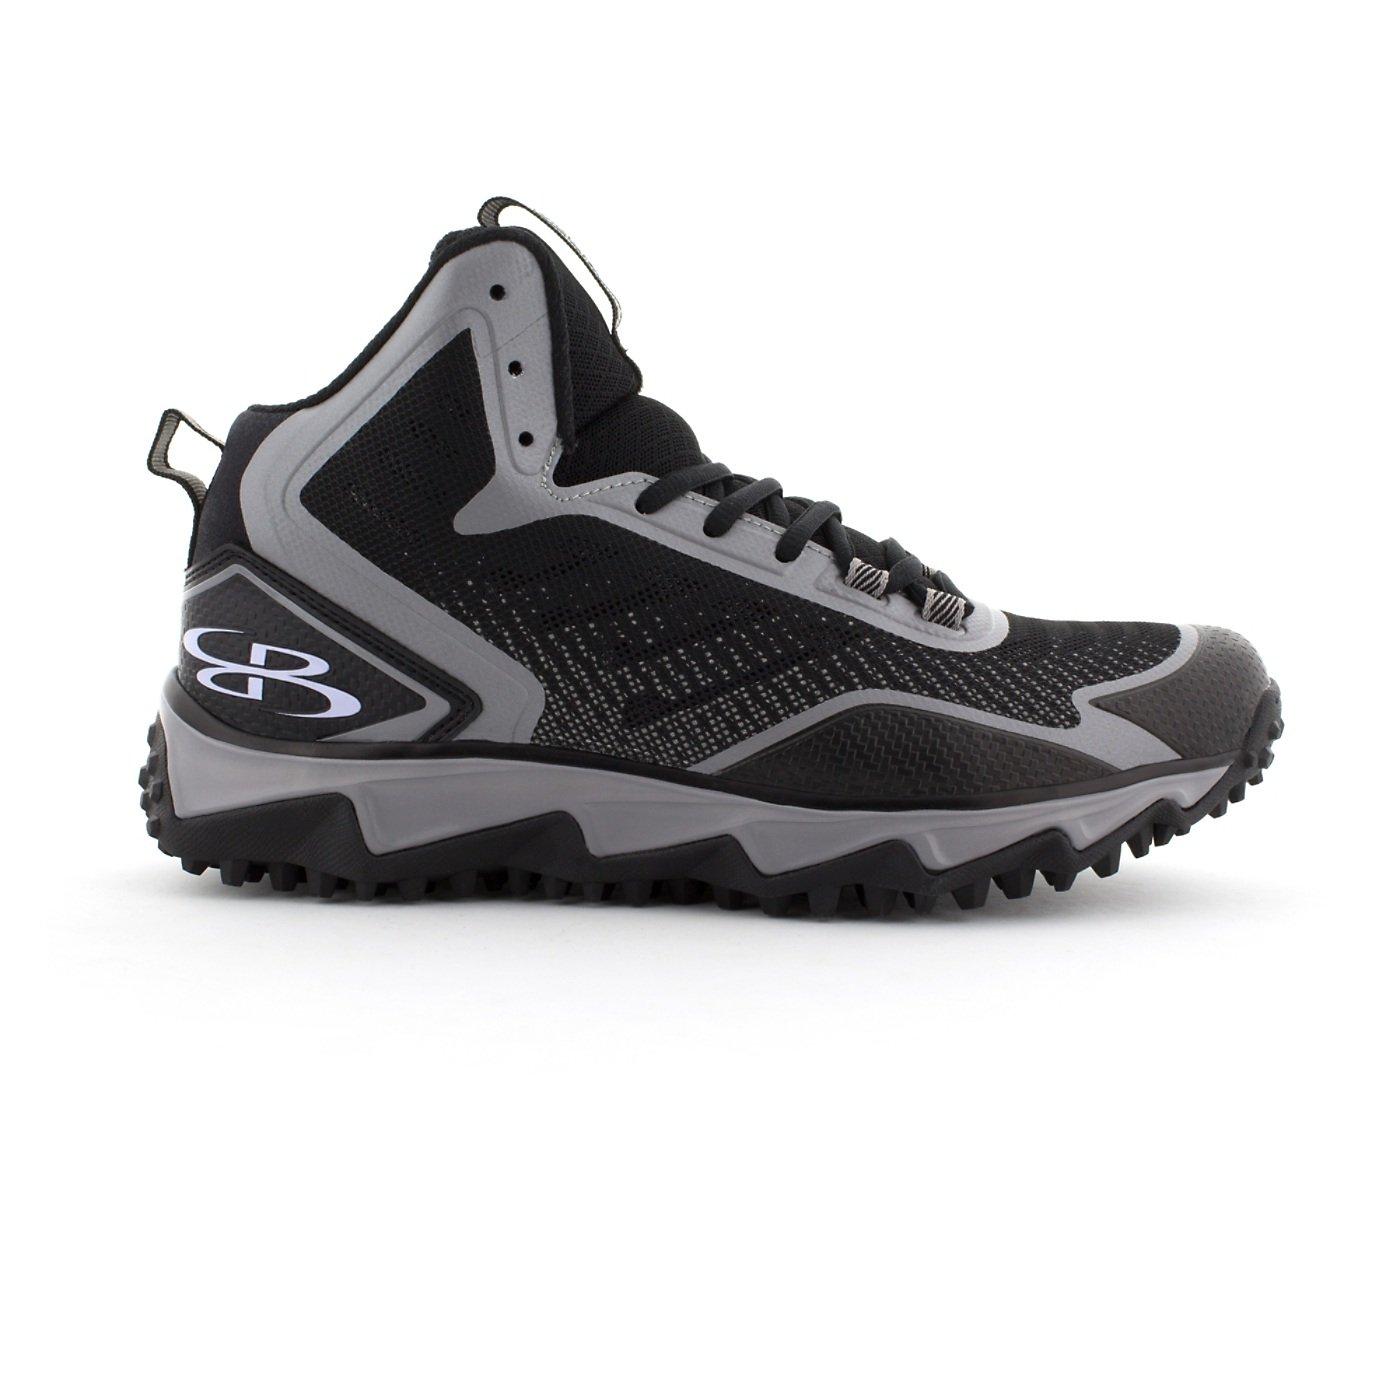 BoombahメンズBerzerk Mid Turf Shoes – 8カラーオプション – 複数のサイズ B0769WYXRF 10|ブラック/グレー ブラック/グレー 10